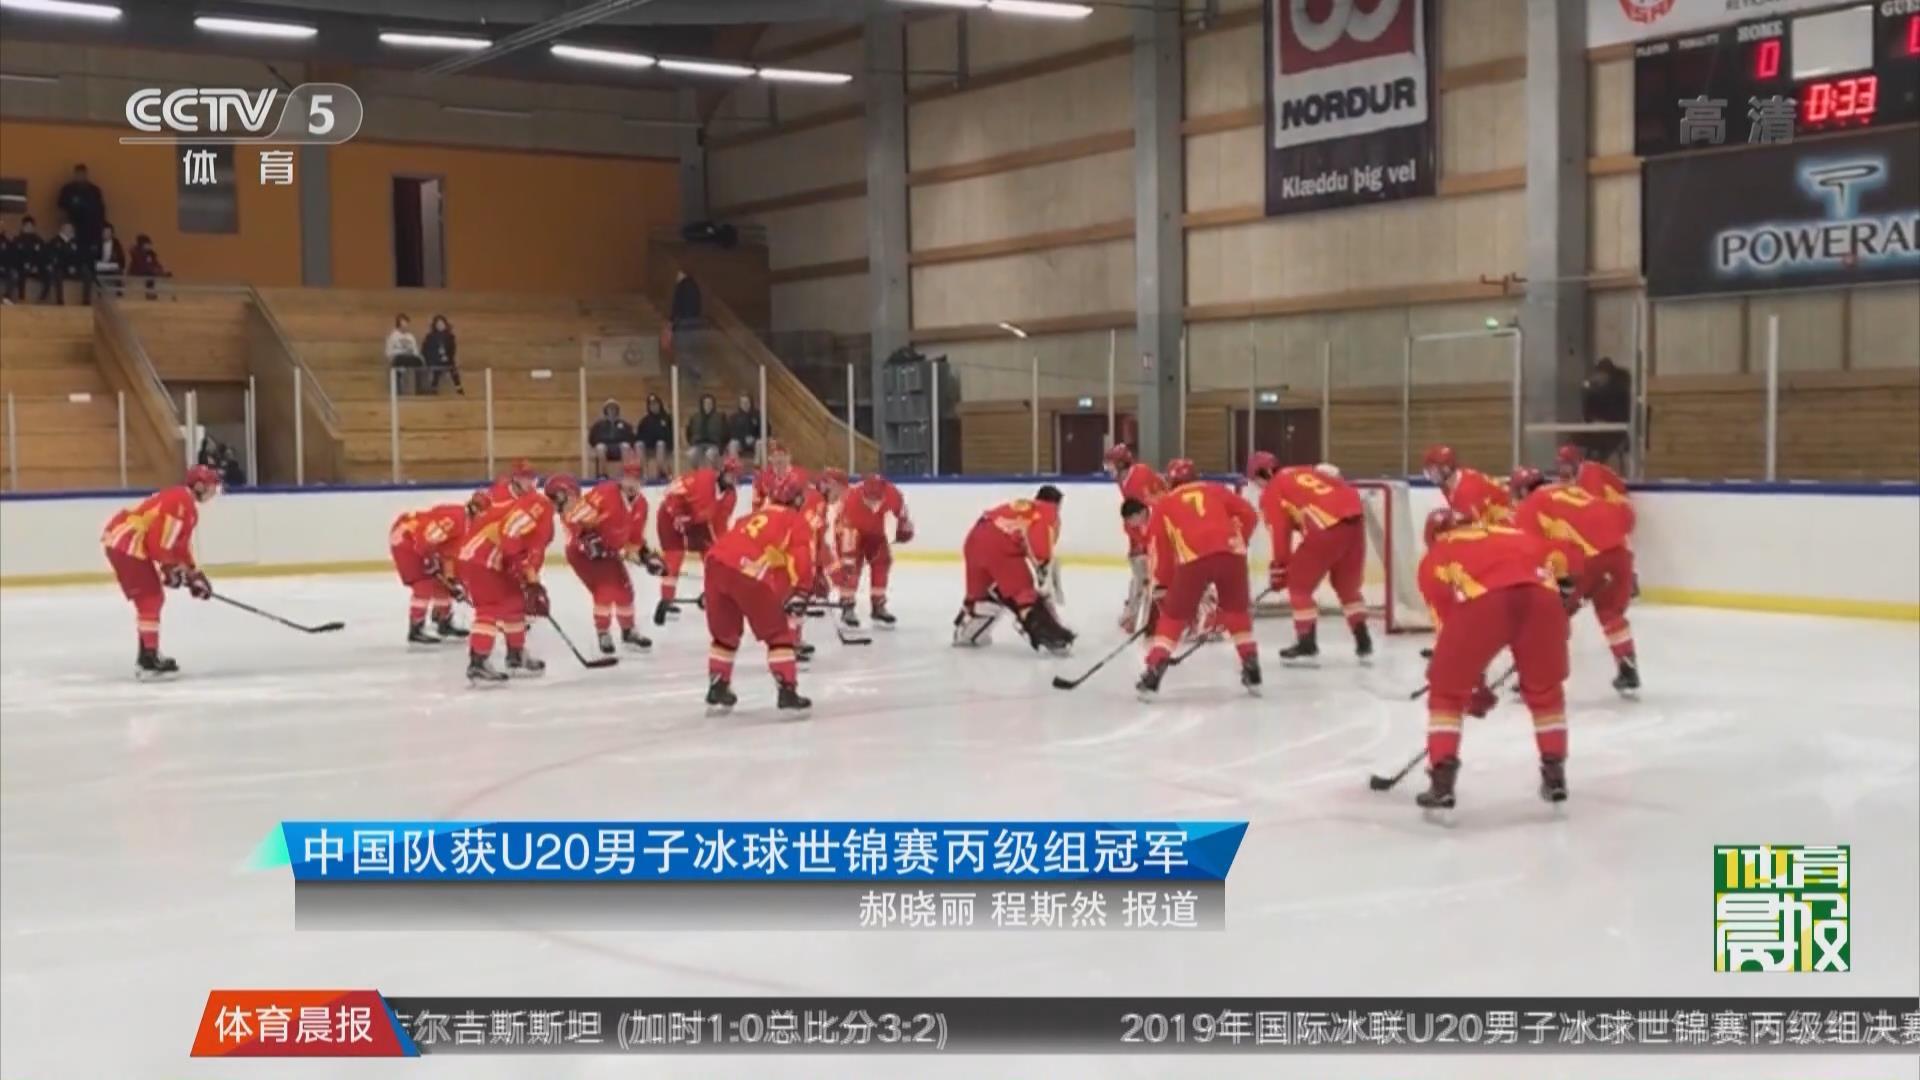 中國隊獲U20男子冰球世錦賽丙級組冠軍